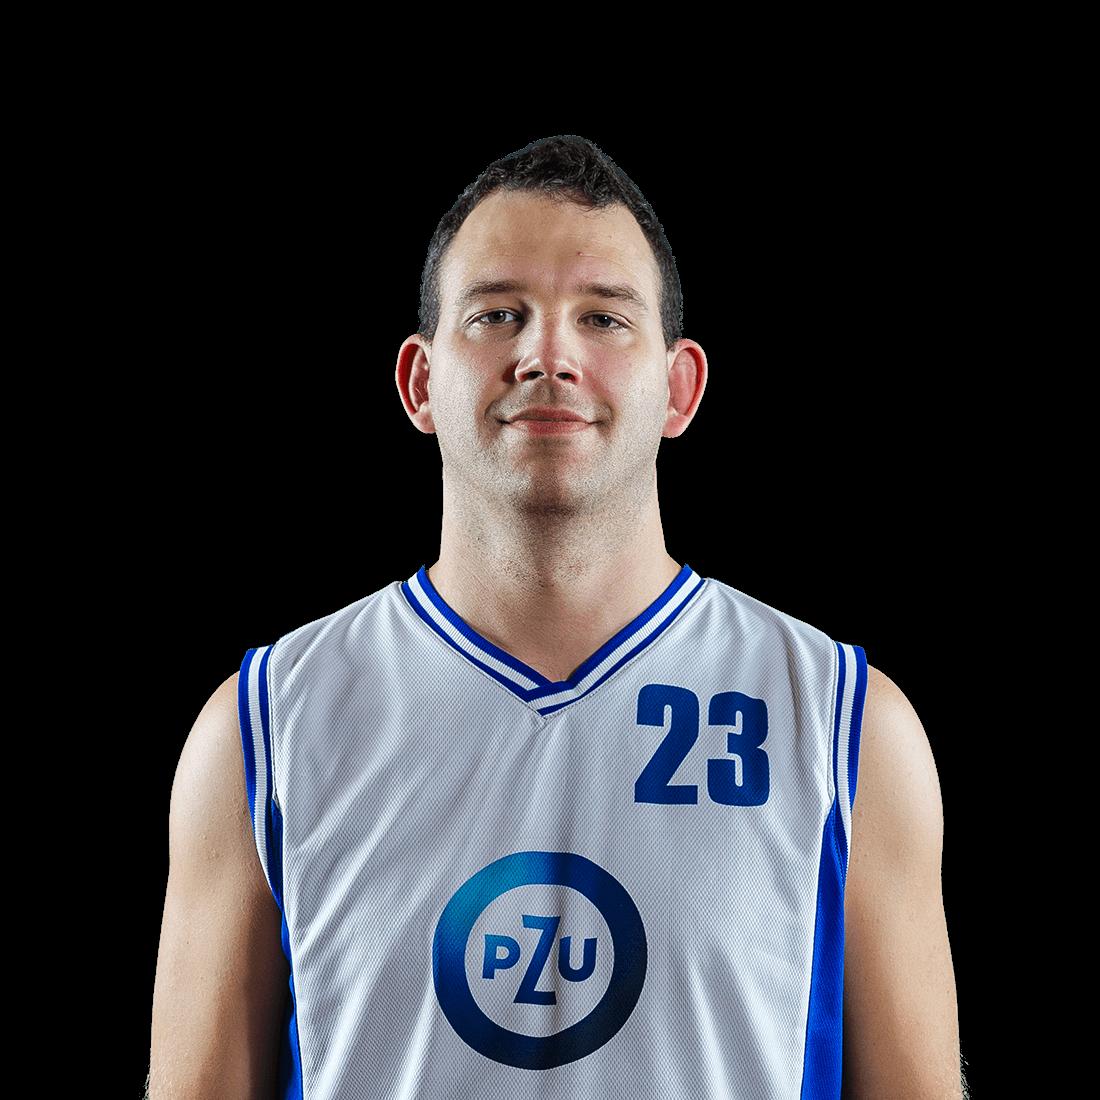 Andrzej Przyłuski